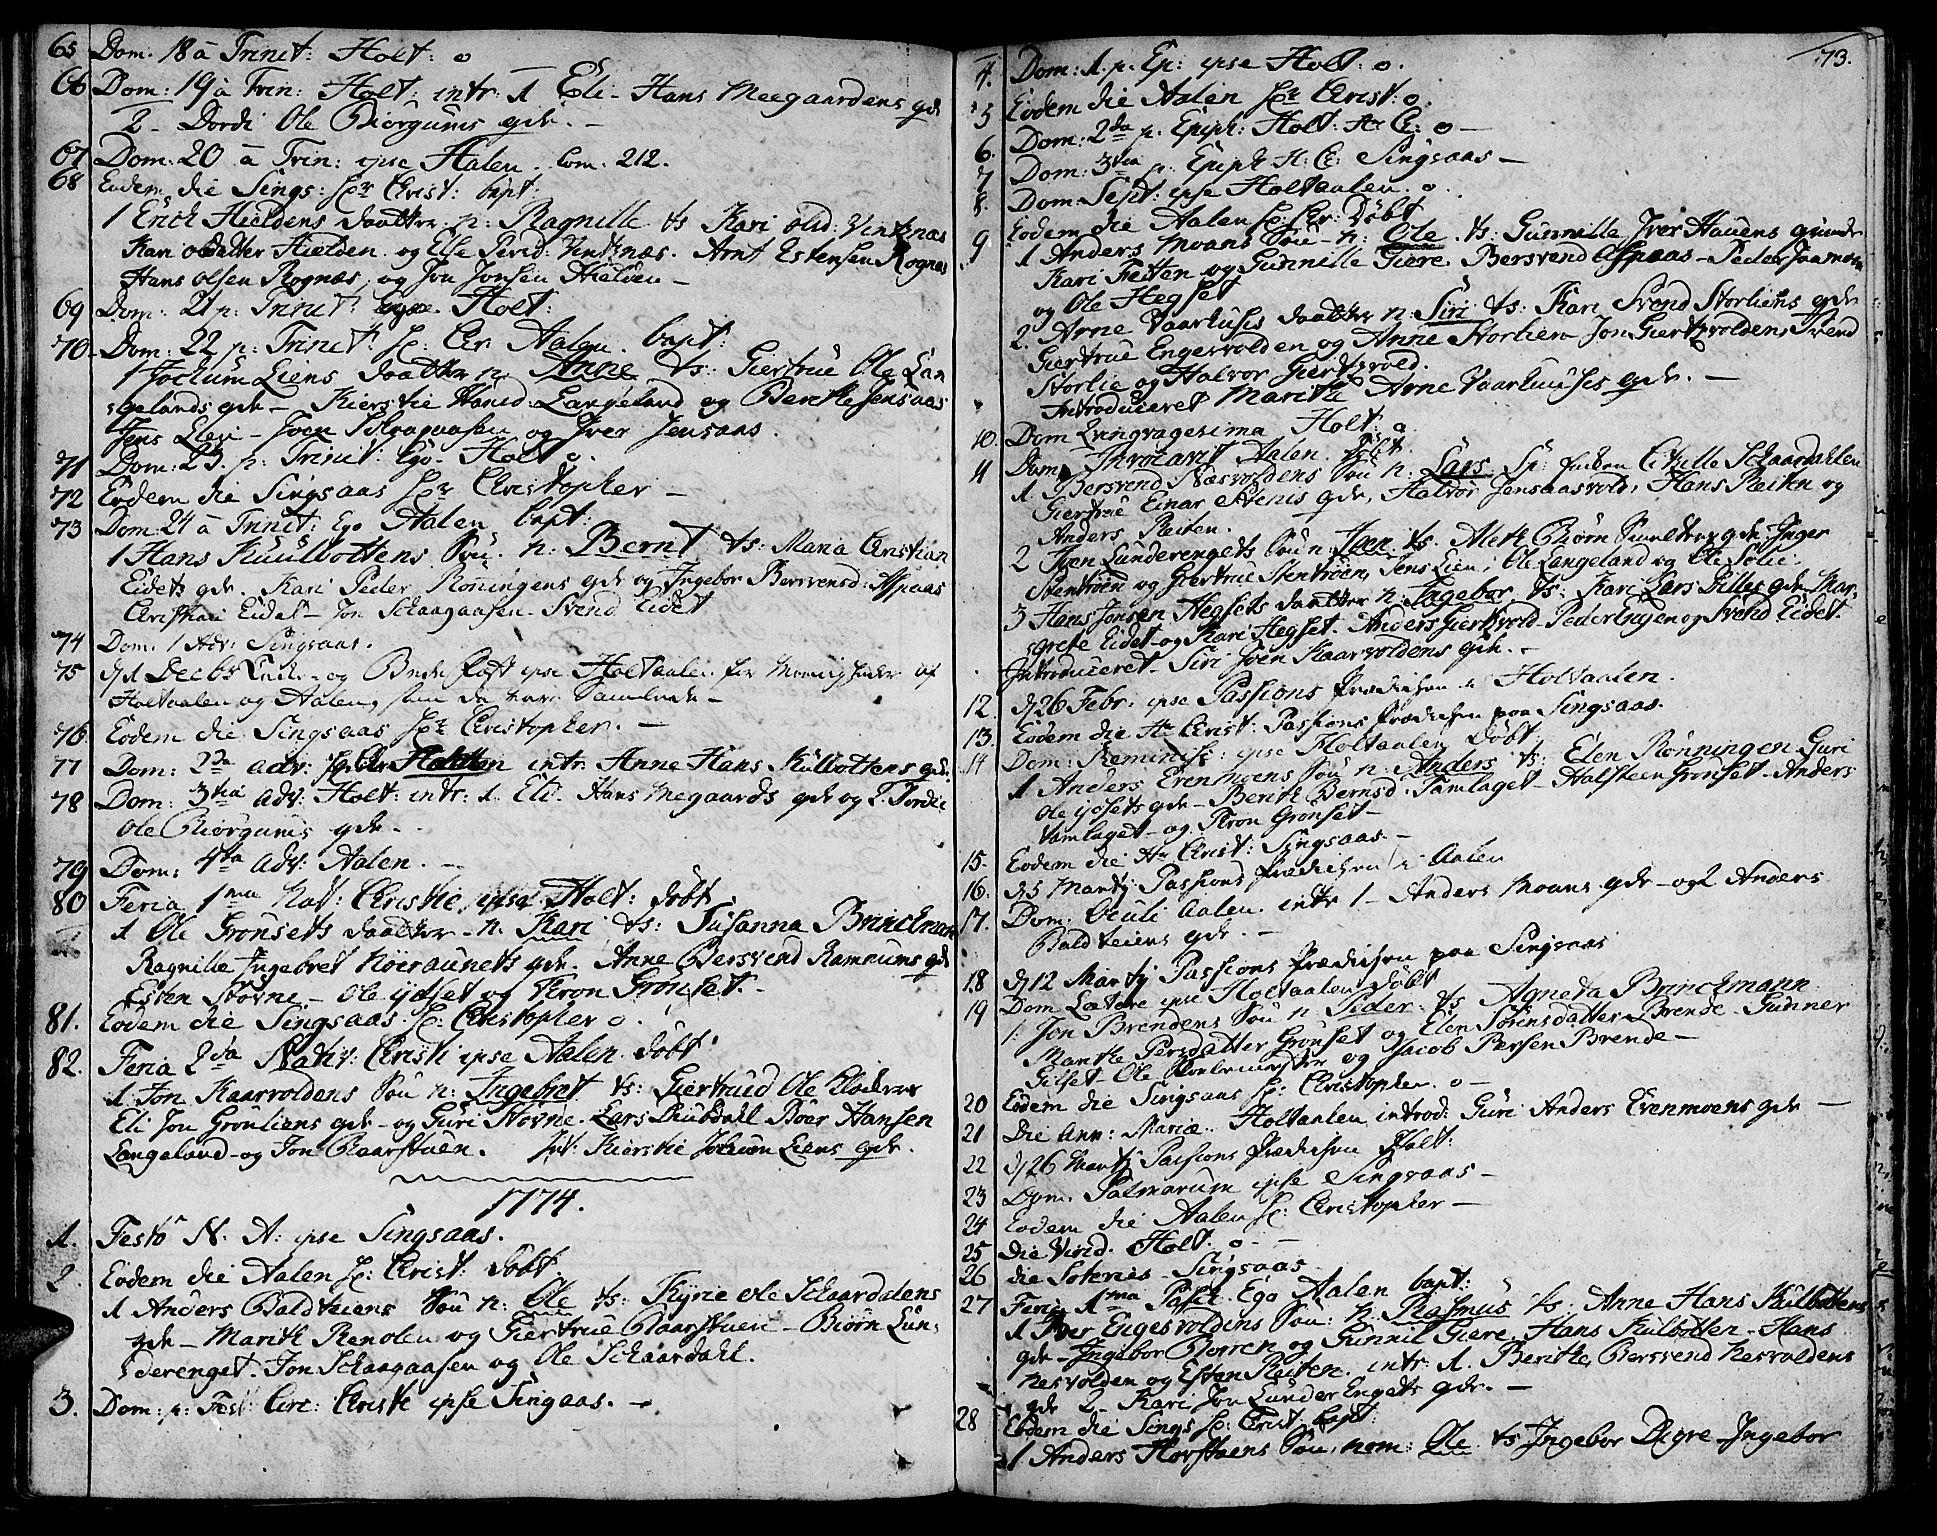 SAT, Ministerialprotokoller, klokkerbøker og fødselsregistre - Sør-Trøndelag, 685/L0952: Ministerialbok nr. 685A01, 1745-1804, s. 73